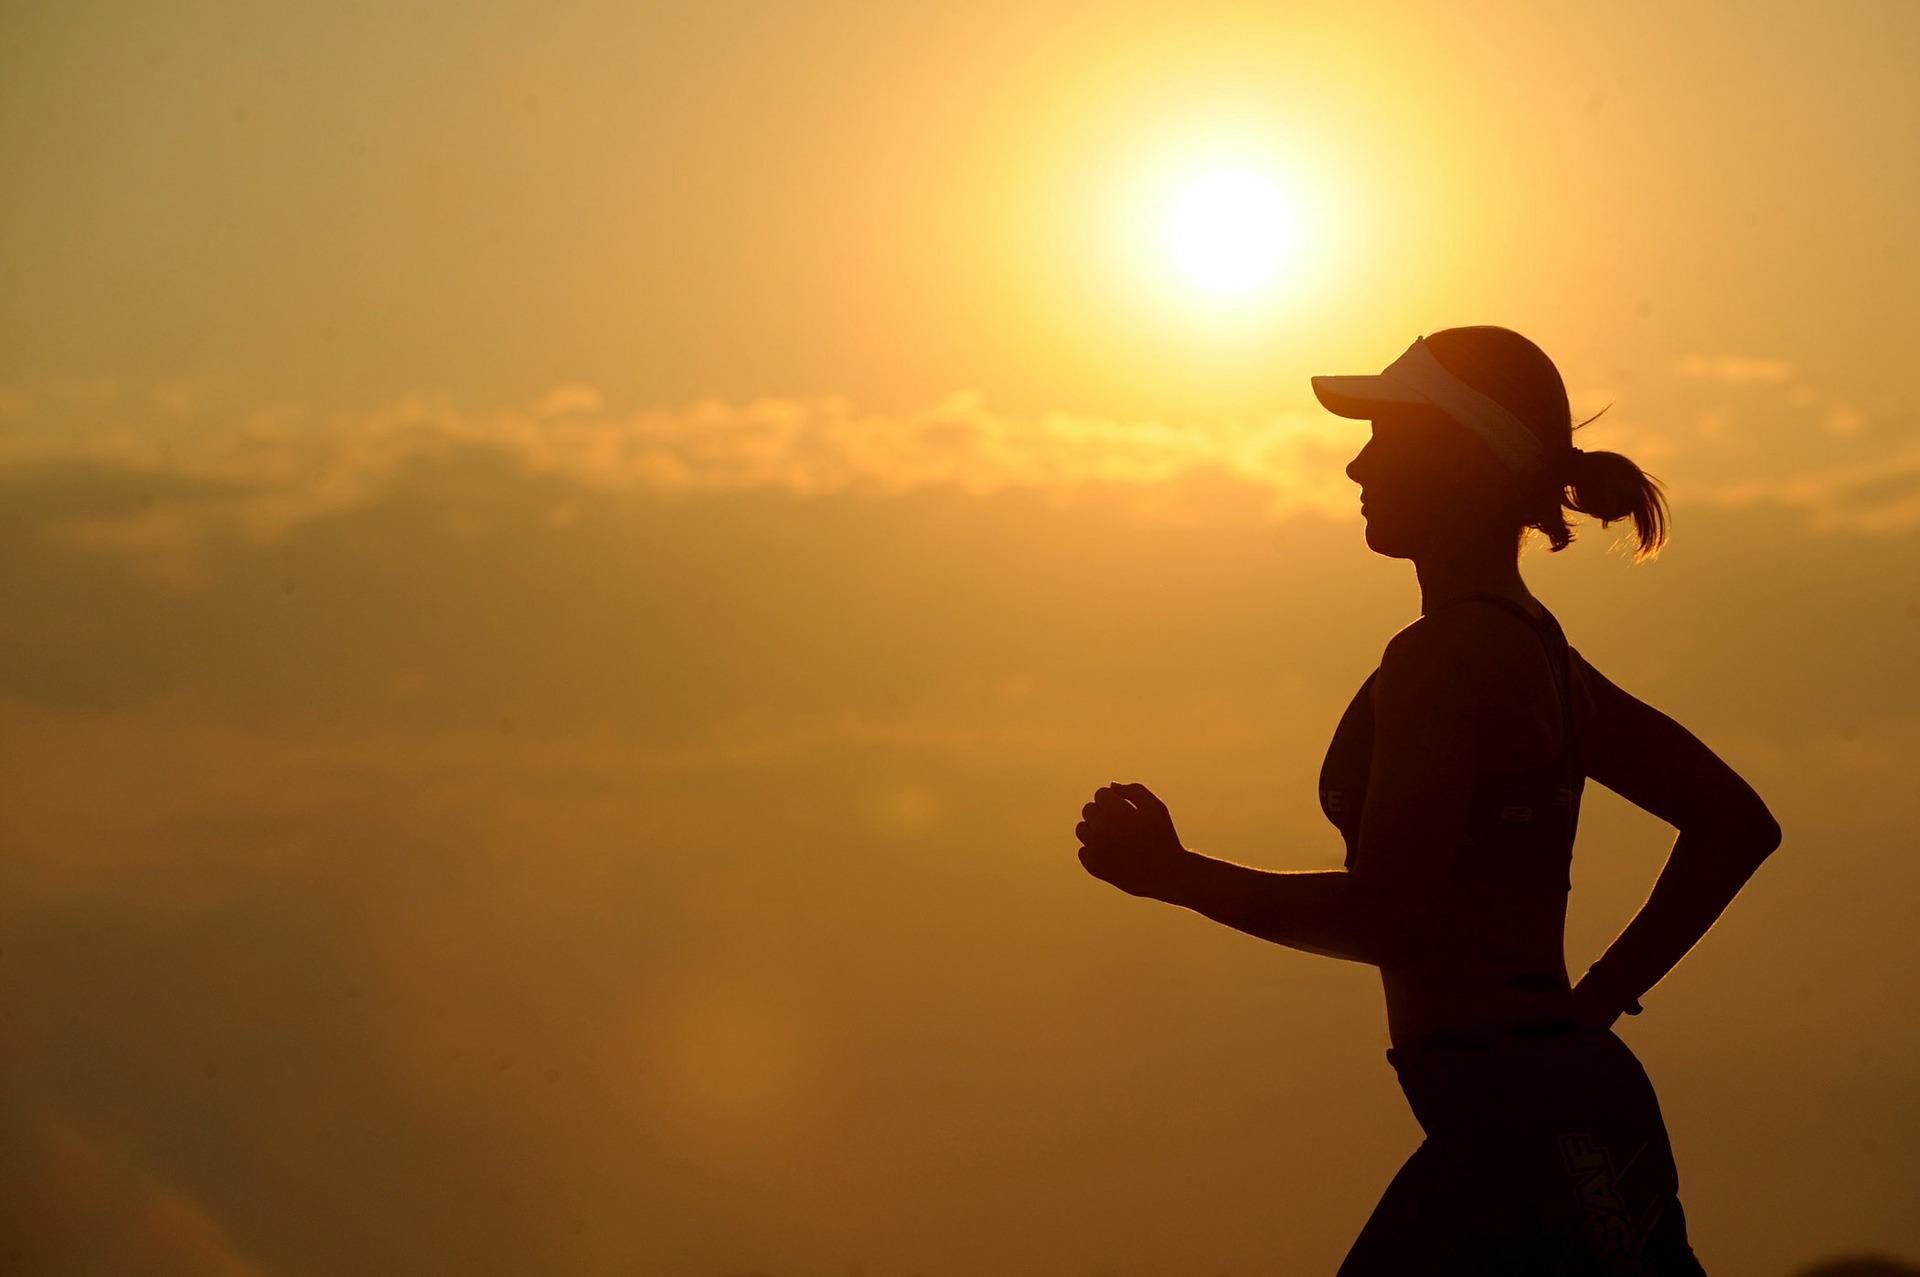 https://pixabay.com/en/running-runner-long-distance-573762/